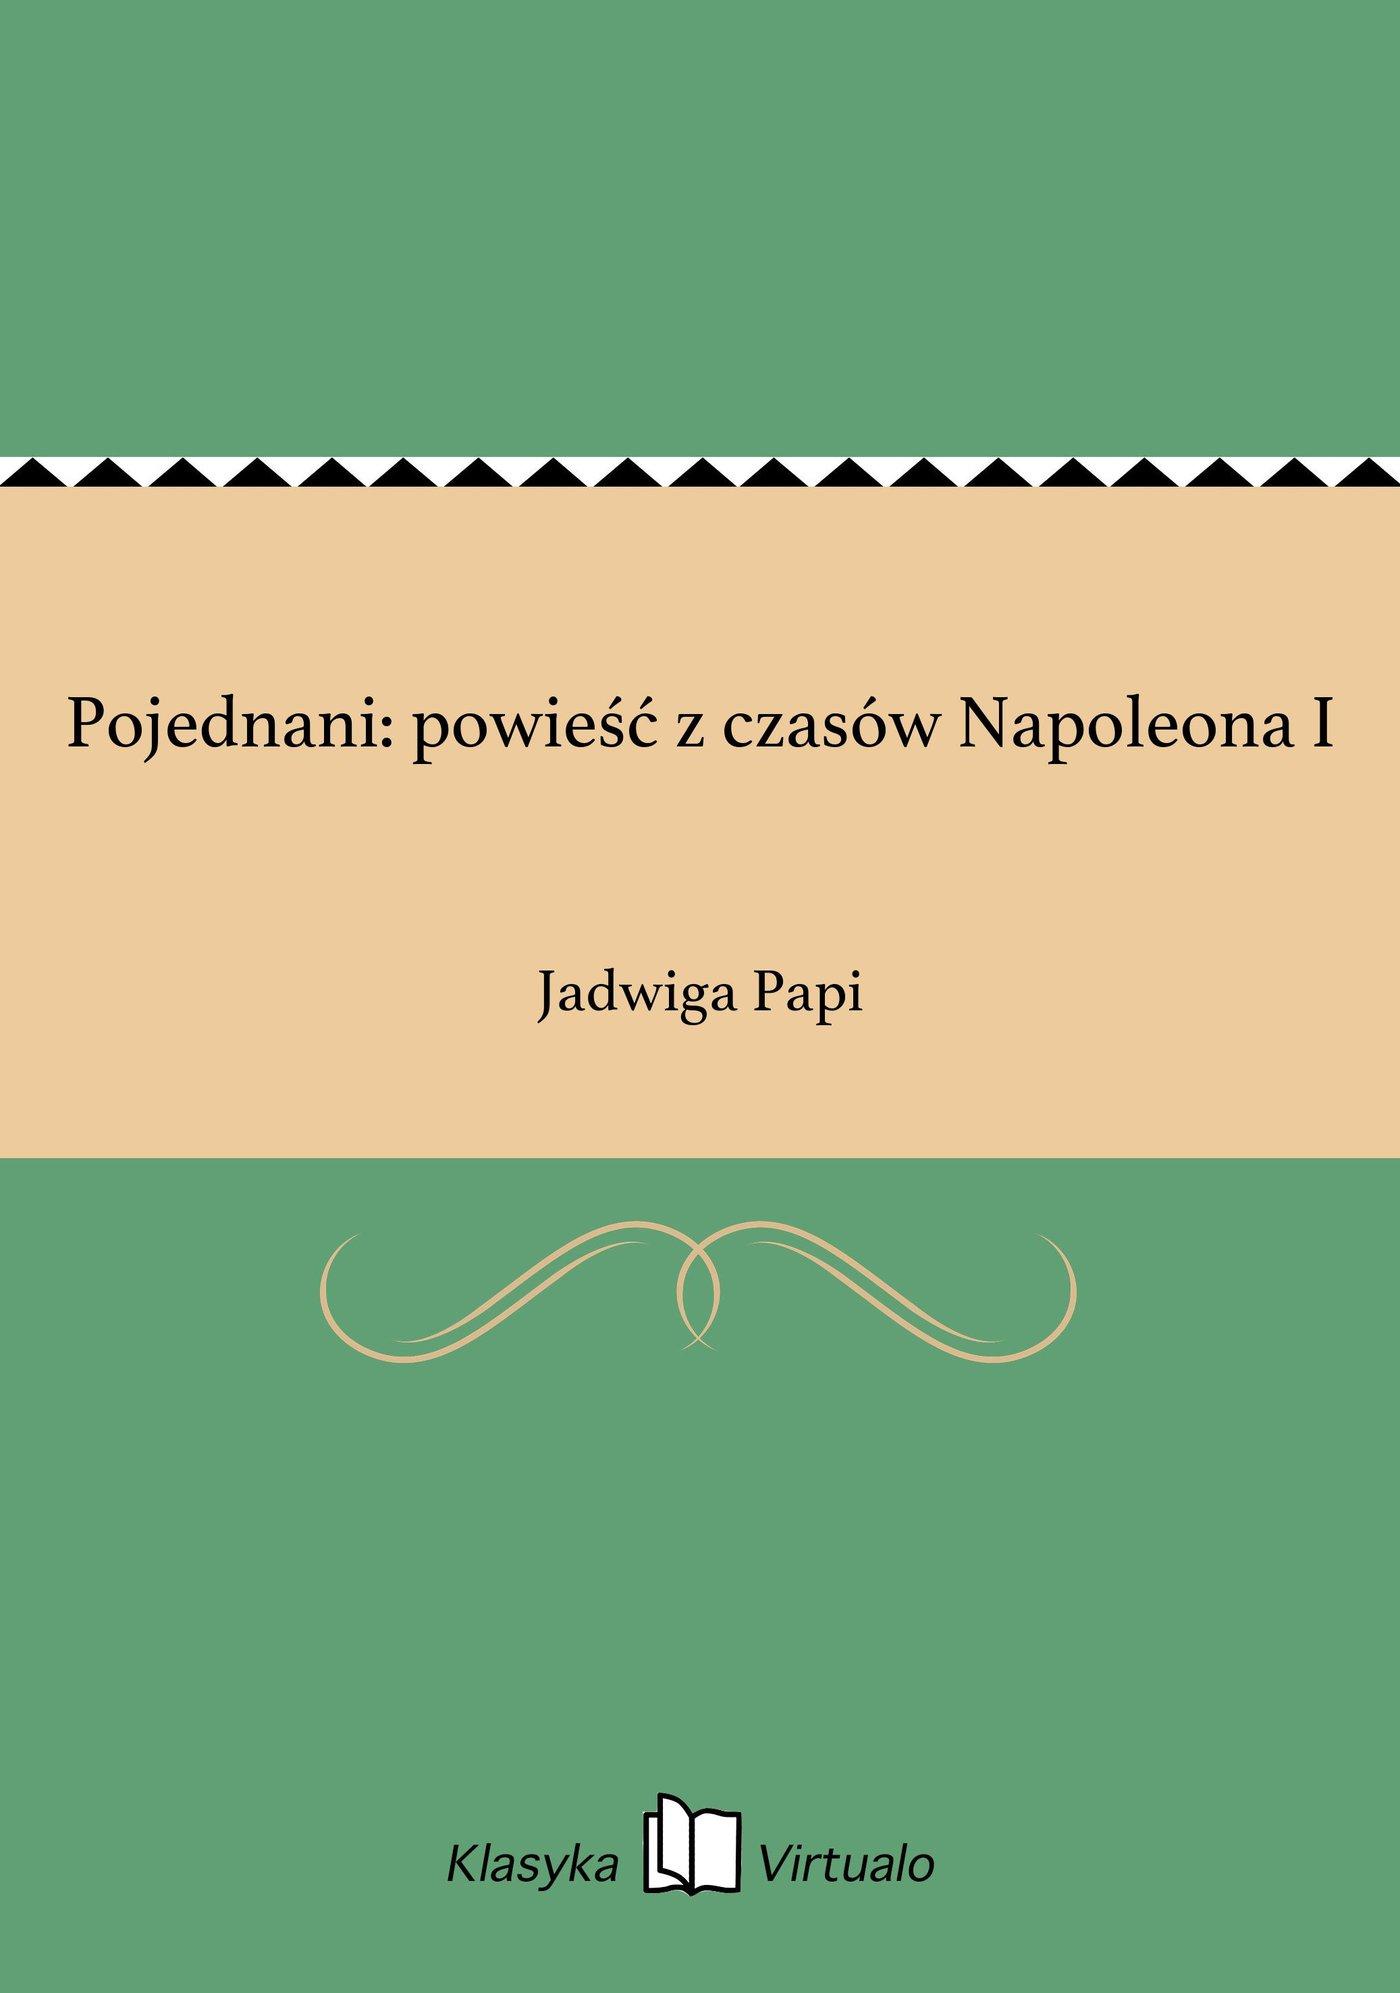 Pojednani: powieść z czasów Napoleona I - Ebook (Książka na Kindle) do pobrania w formacie MOBI